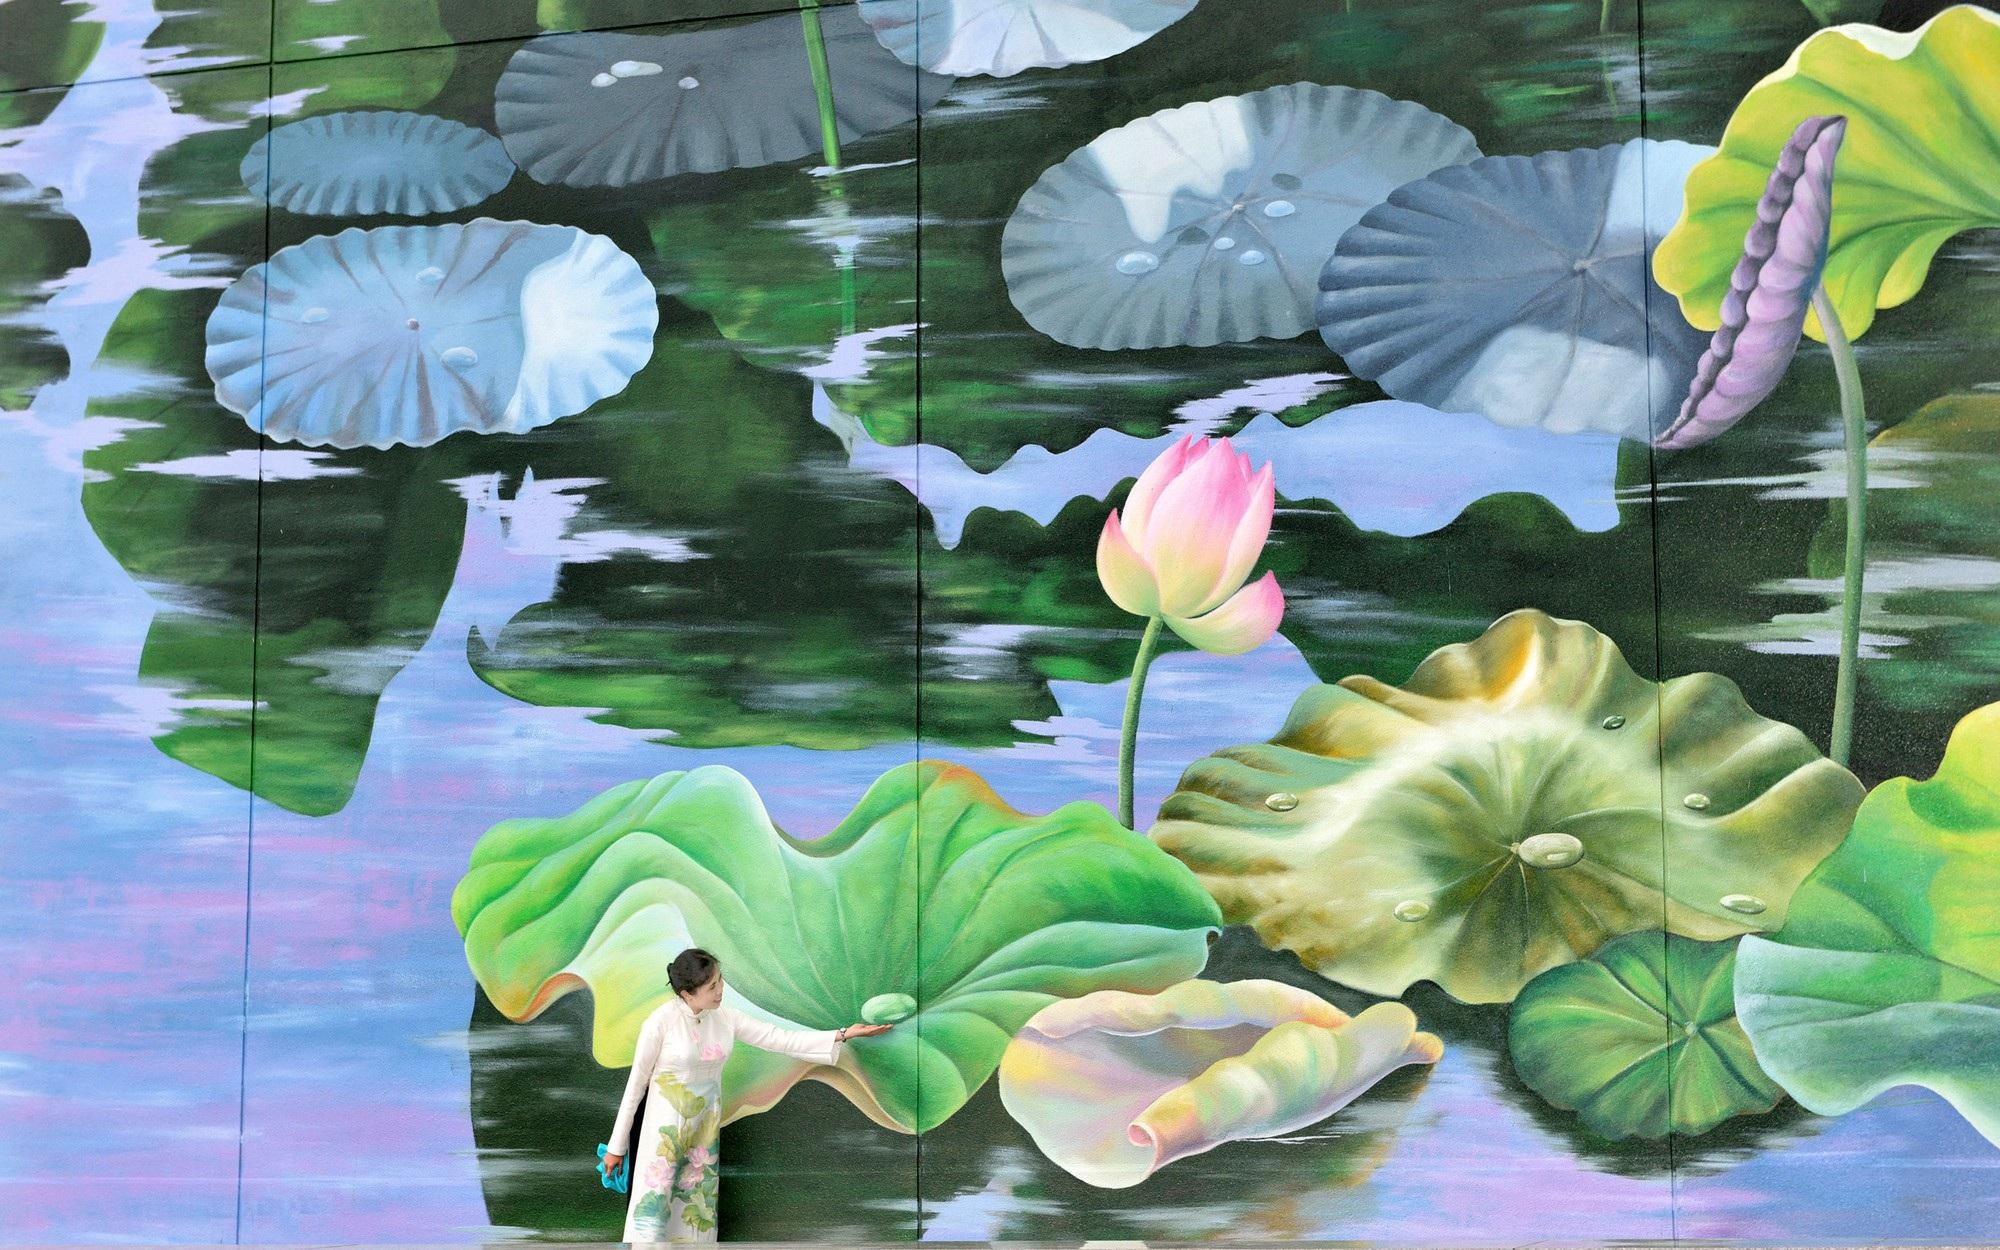 Ngỡ ngàng trước hai bức tranh hoa sen khổng lồ tại sân bay Nội Bài - Ảnh 5.